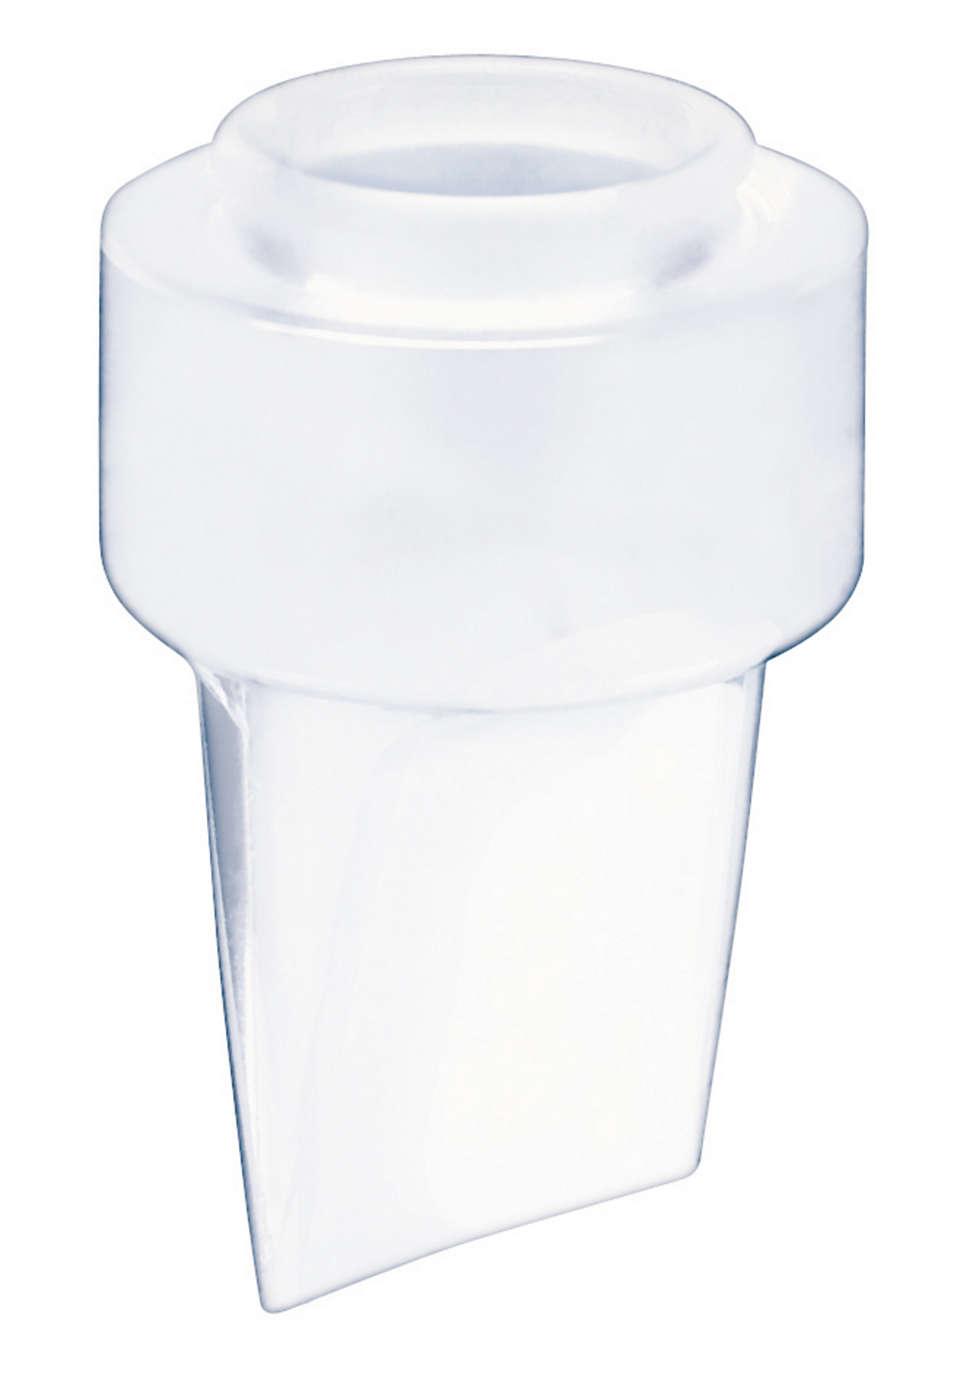 Permette al latte di defluire nel biberon